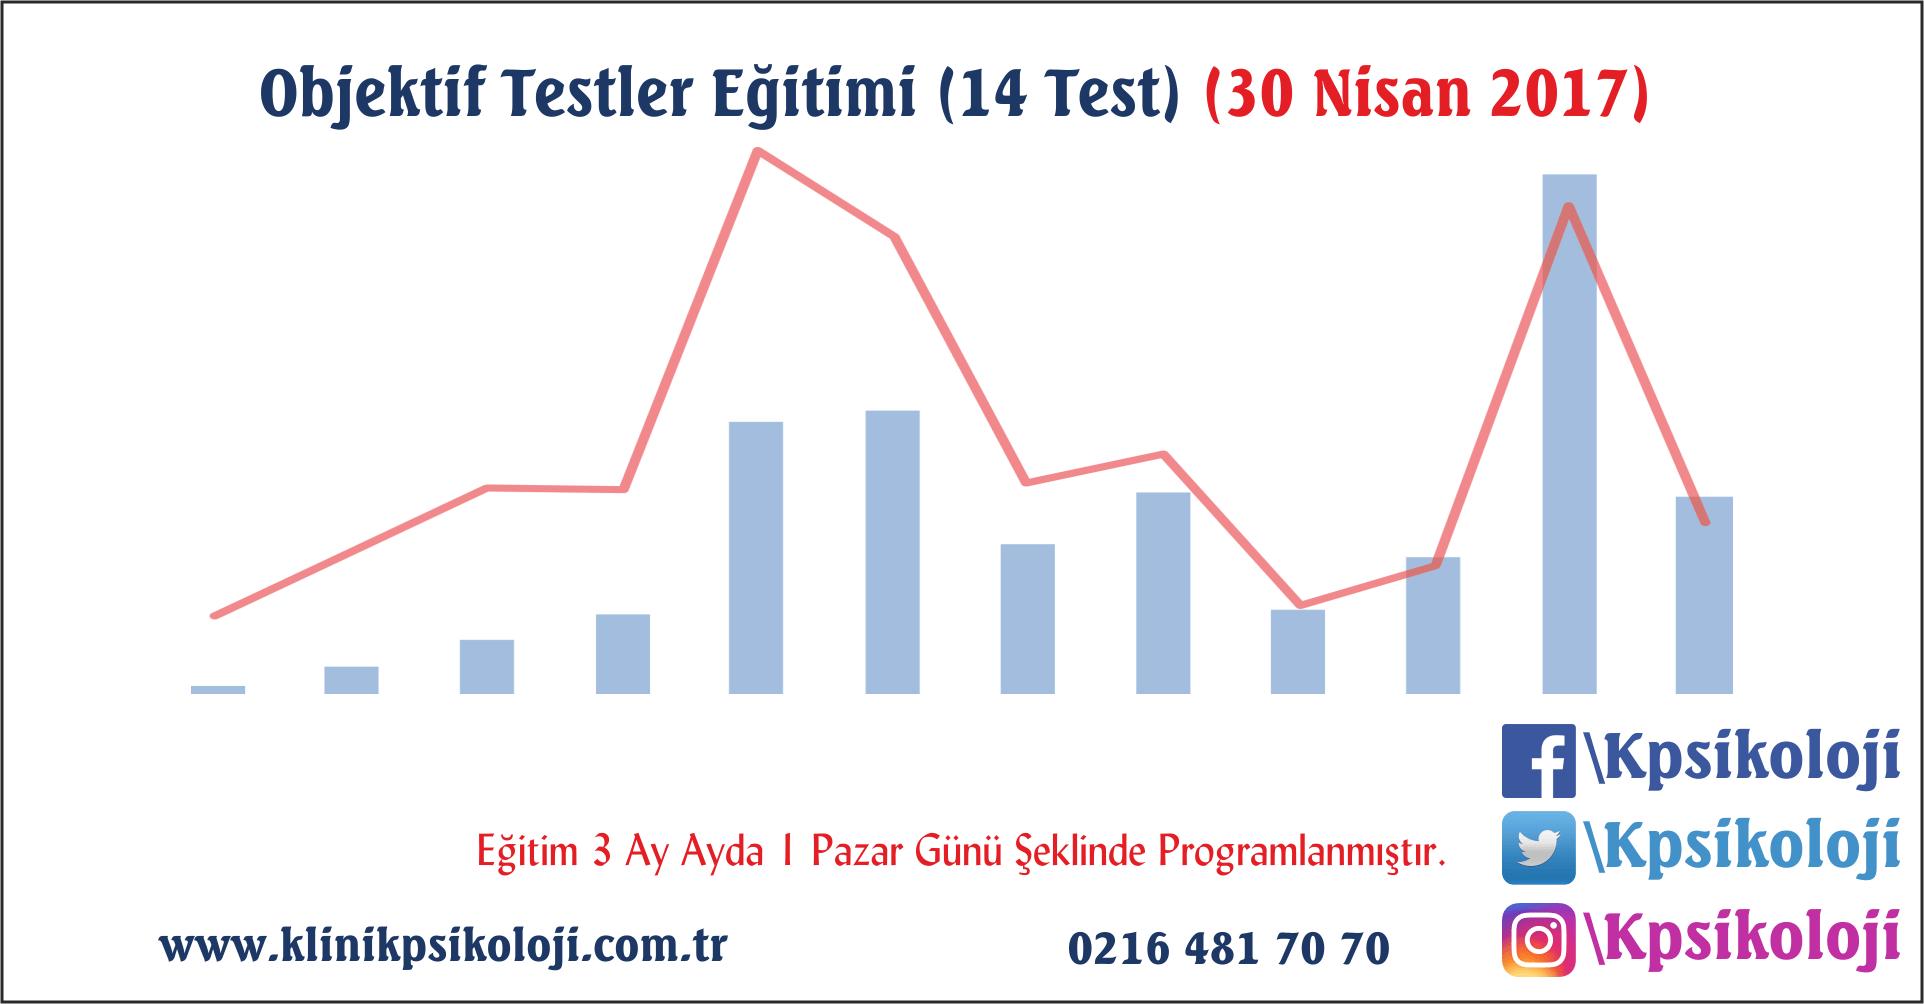 Objektif Testler Eğitimi (14 Test) (30 Nisan 2017)